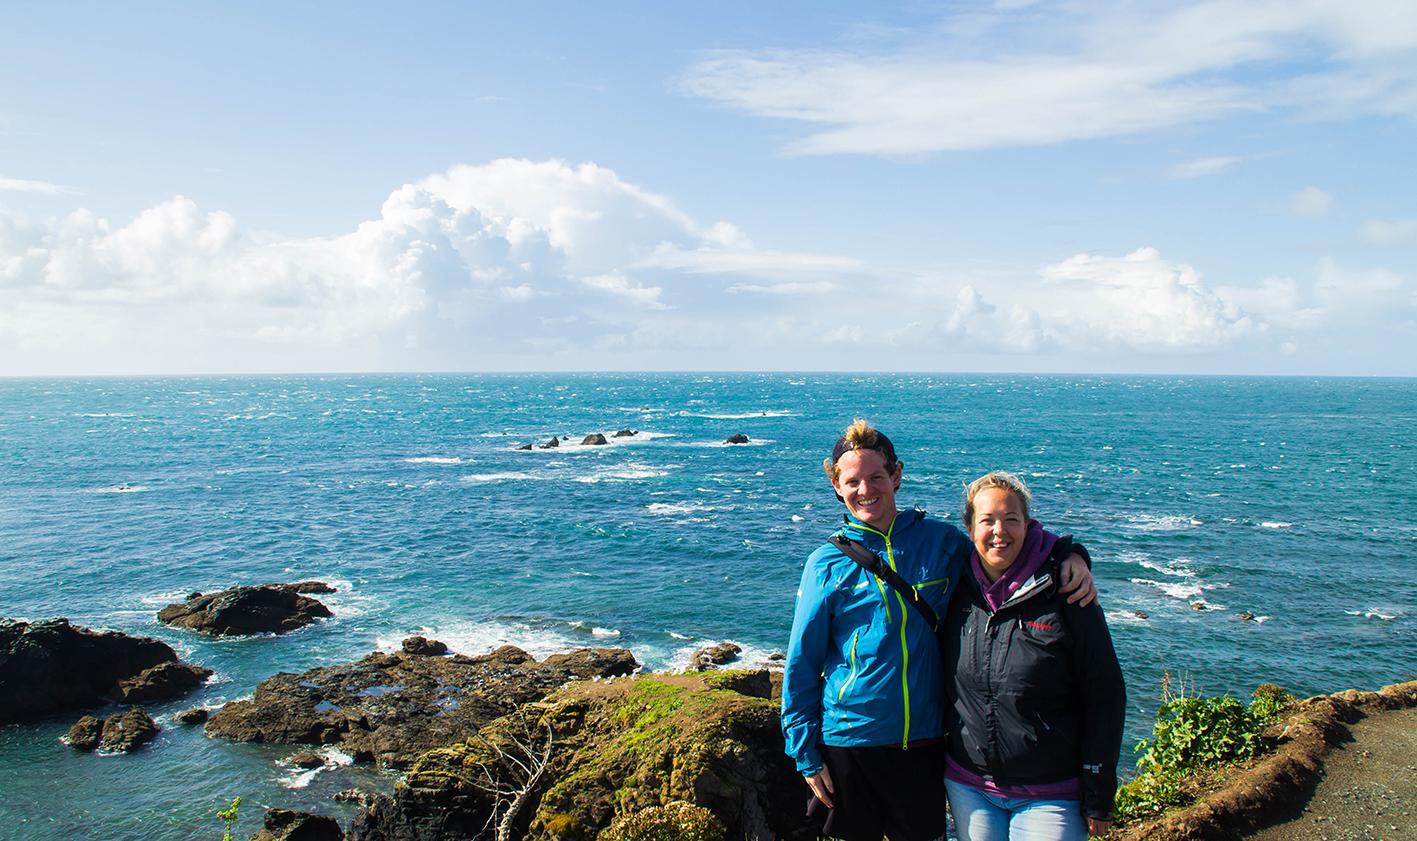 Turistfoto vid sydligaste udden: Check!